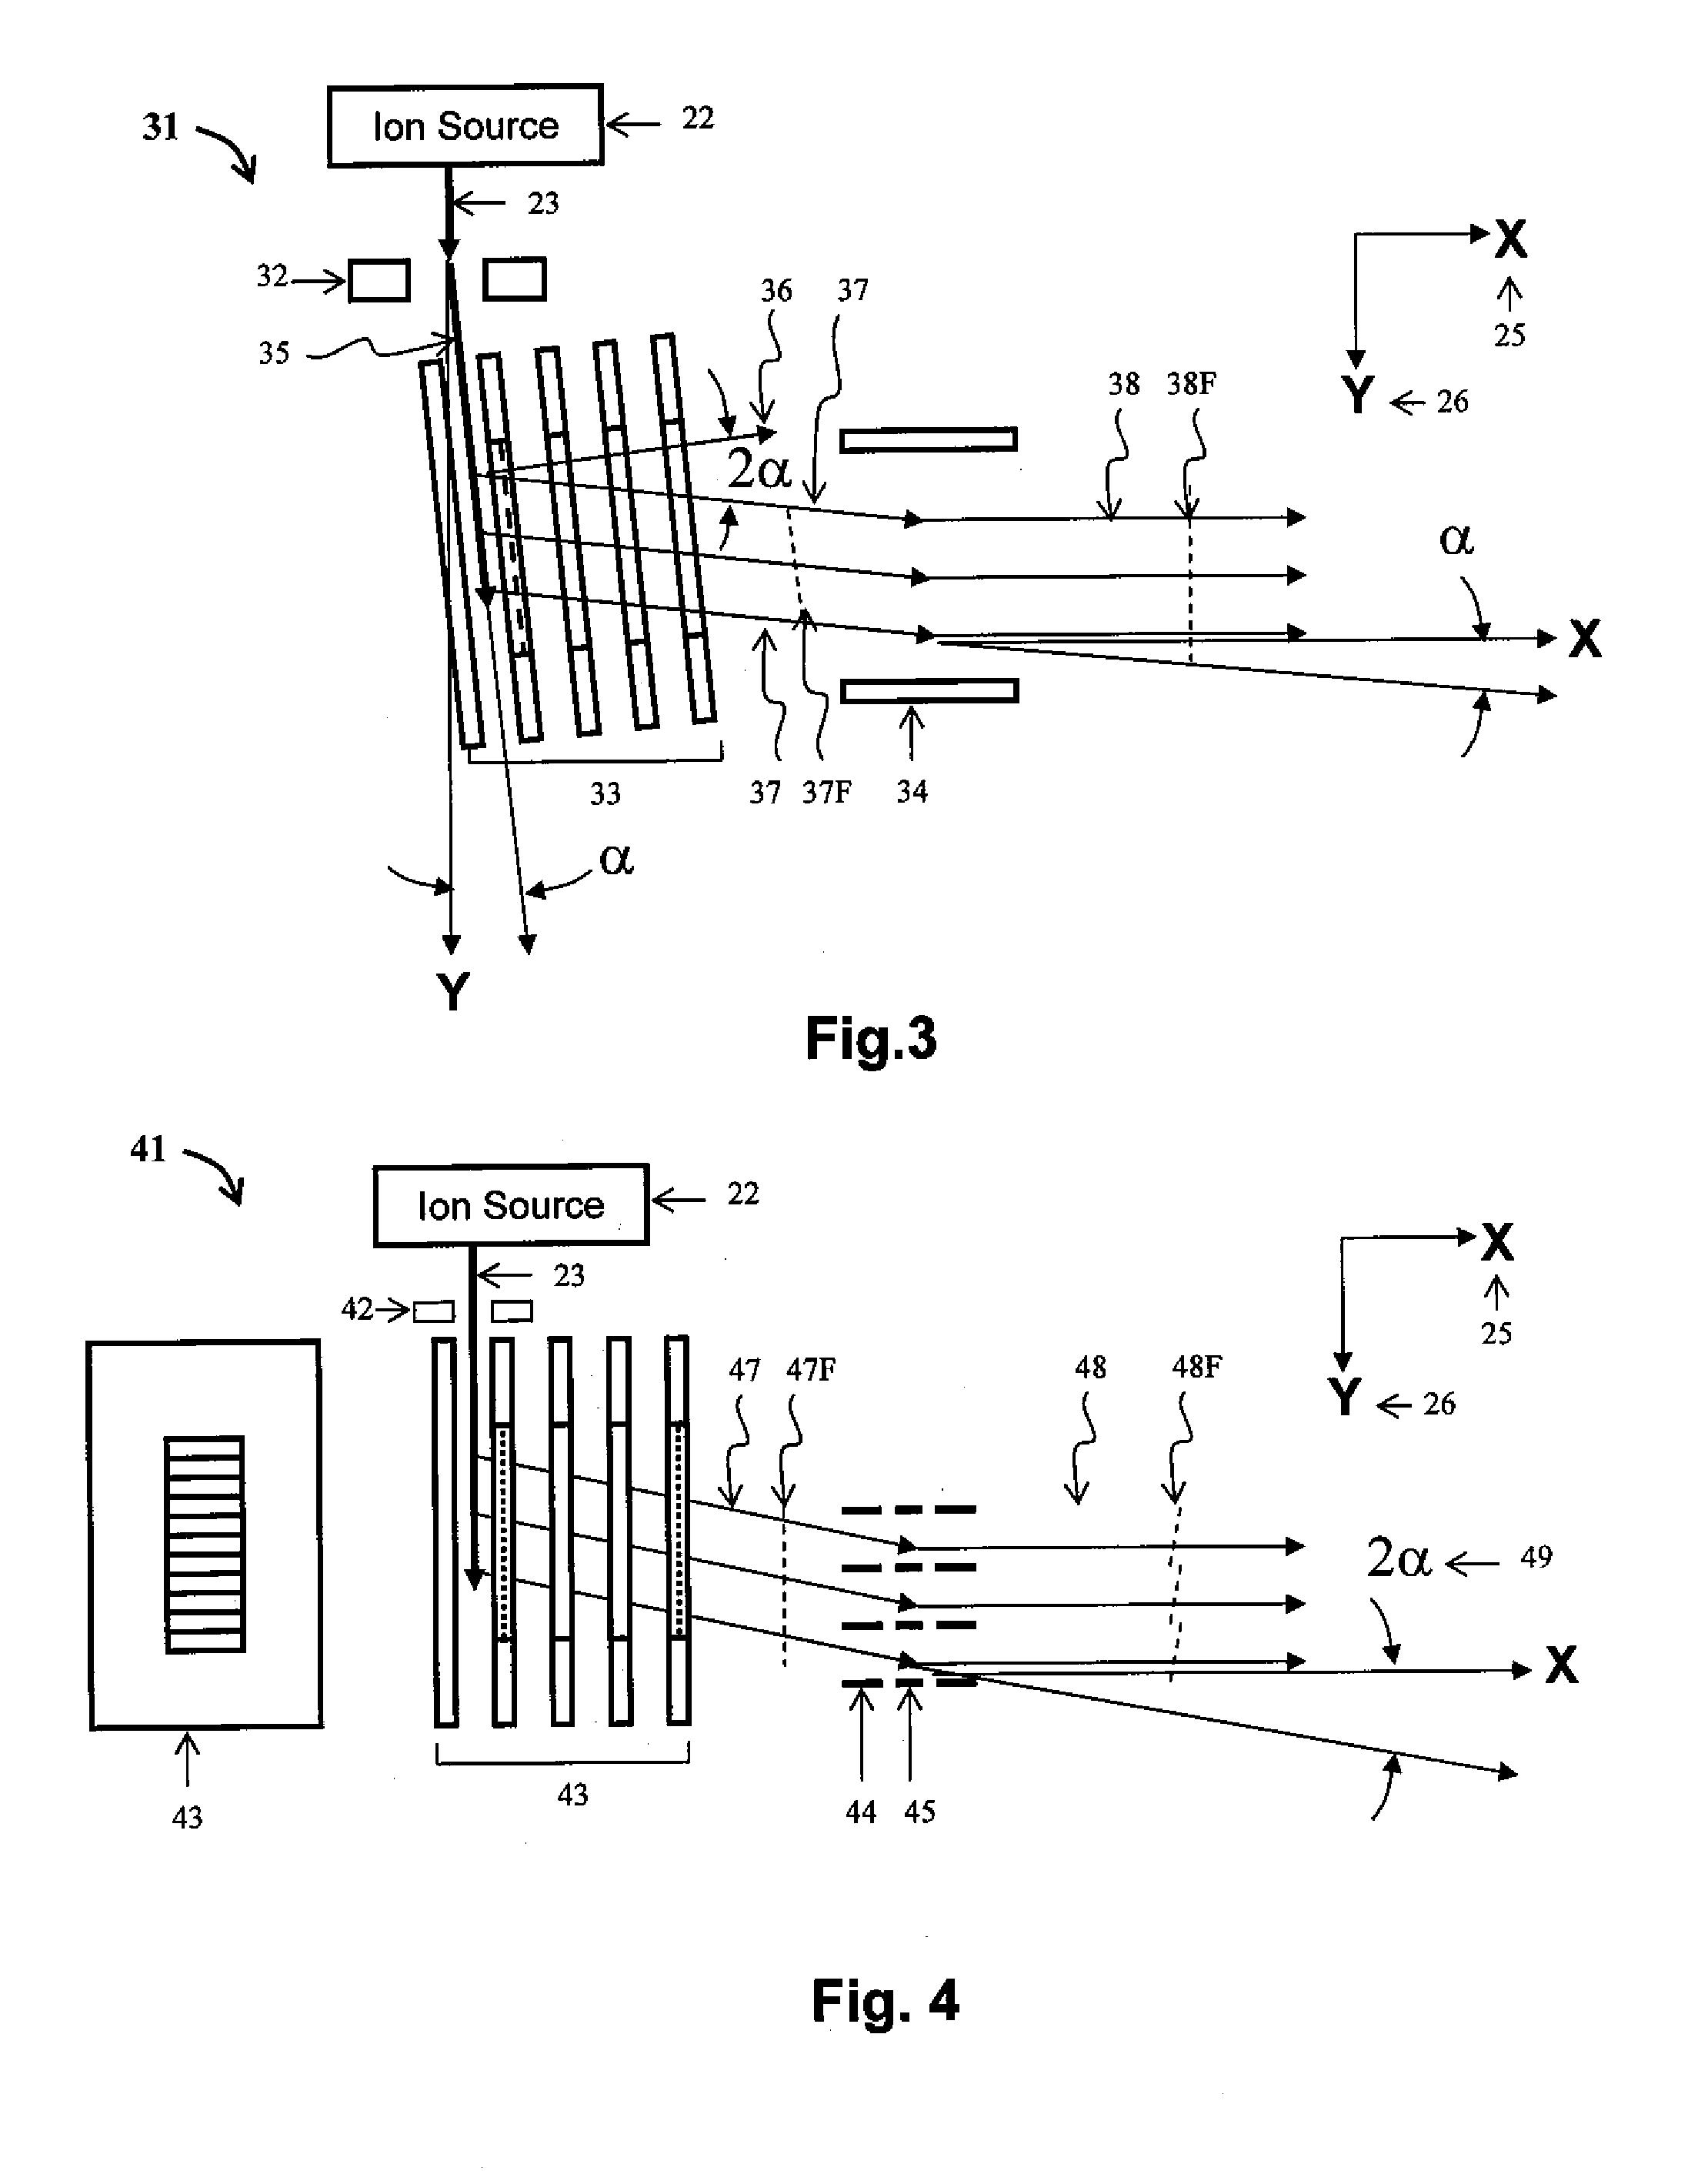 passtime wiring diagram rj45 type b pte 3 sample